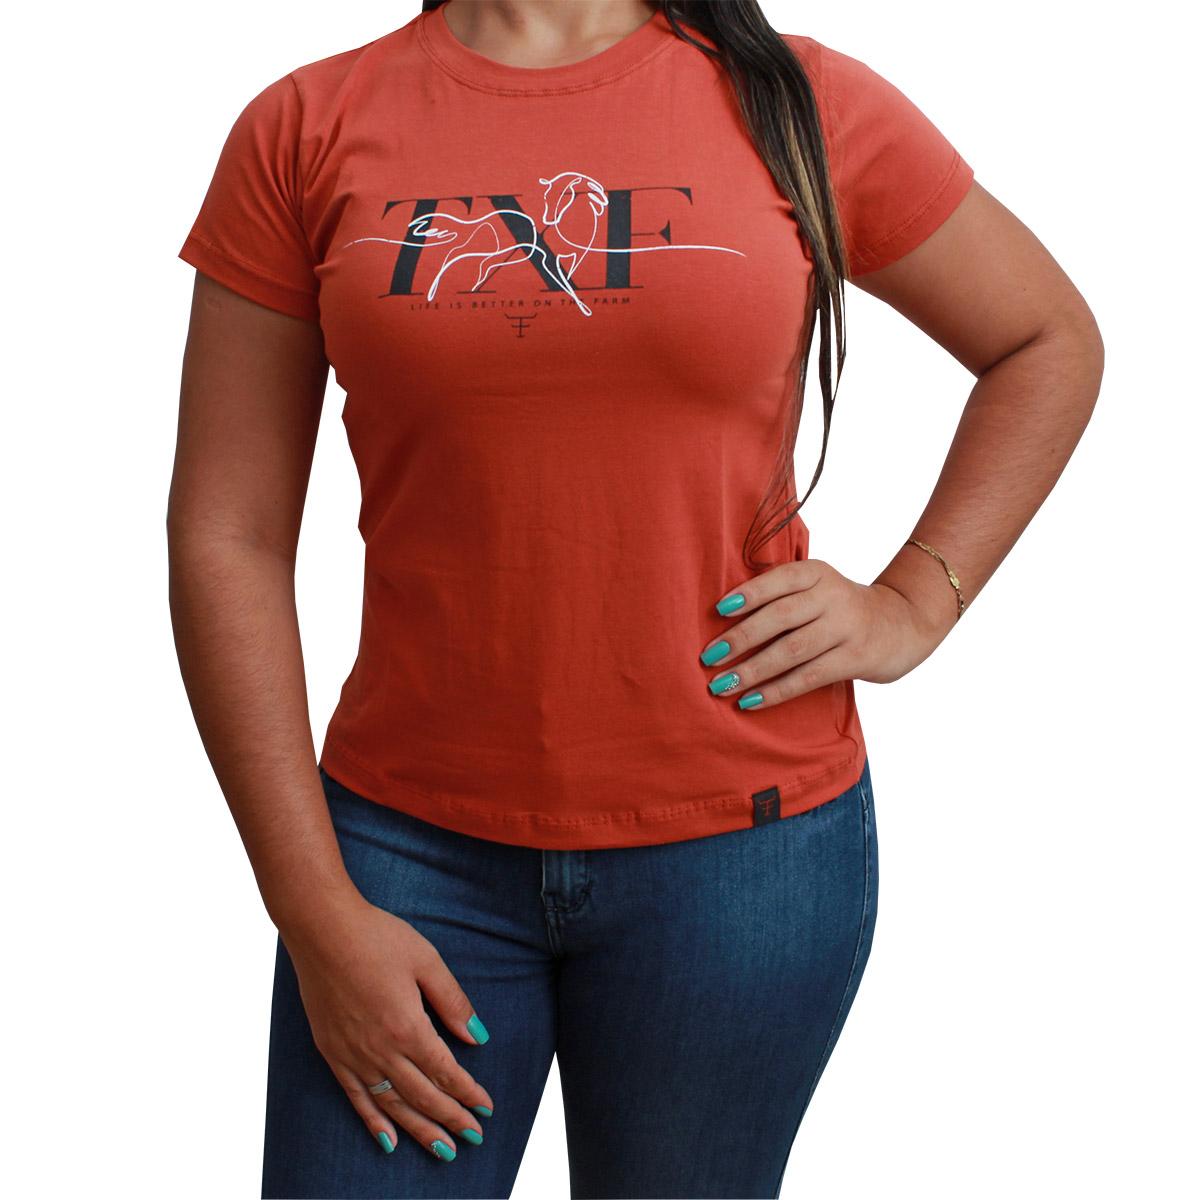 T-Shirt Texas Farm Terra Cota TXF